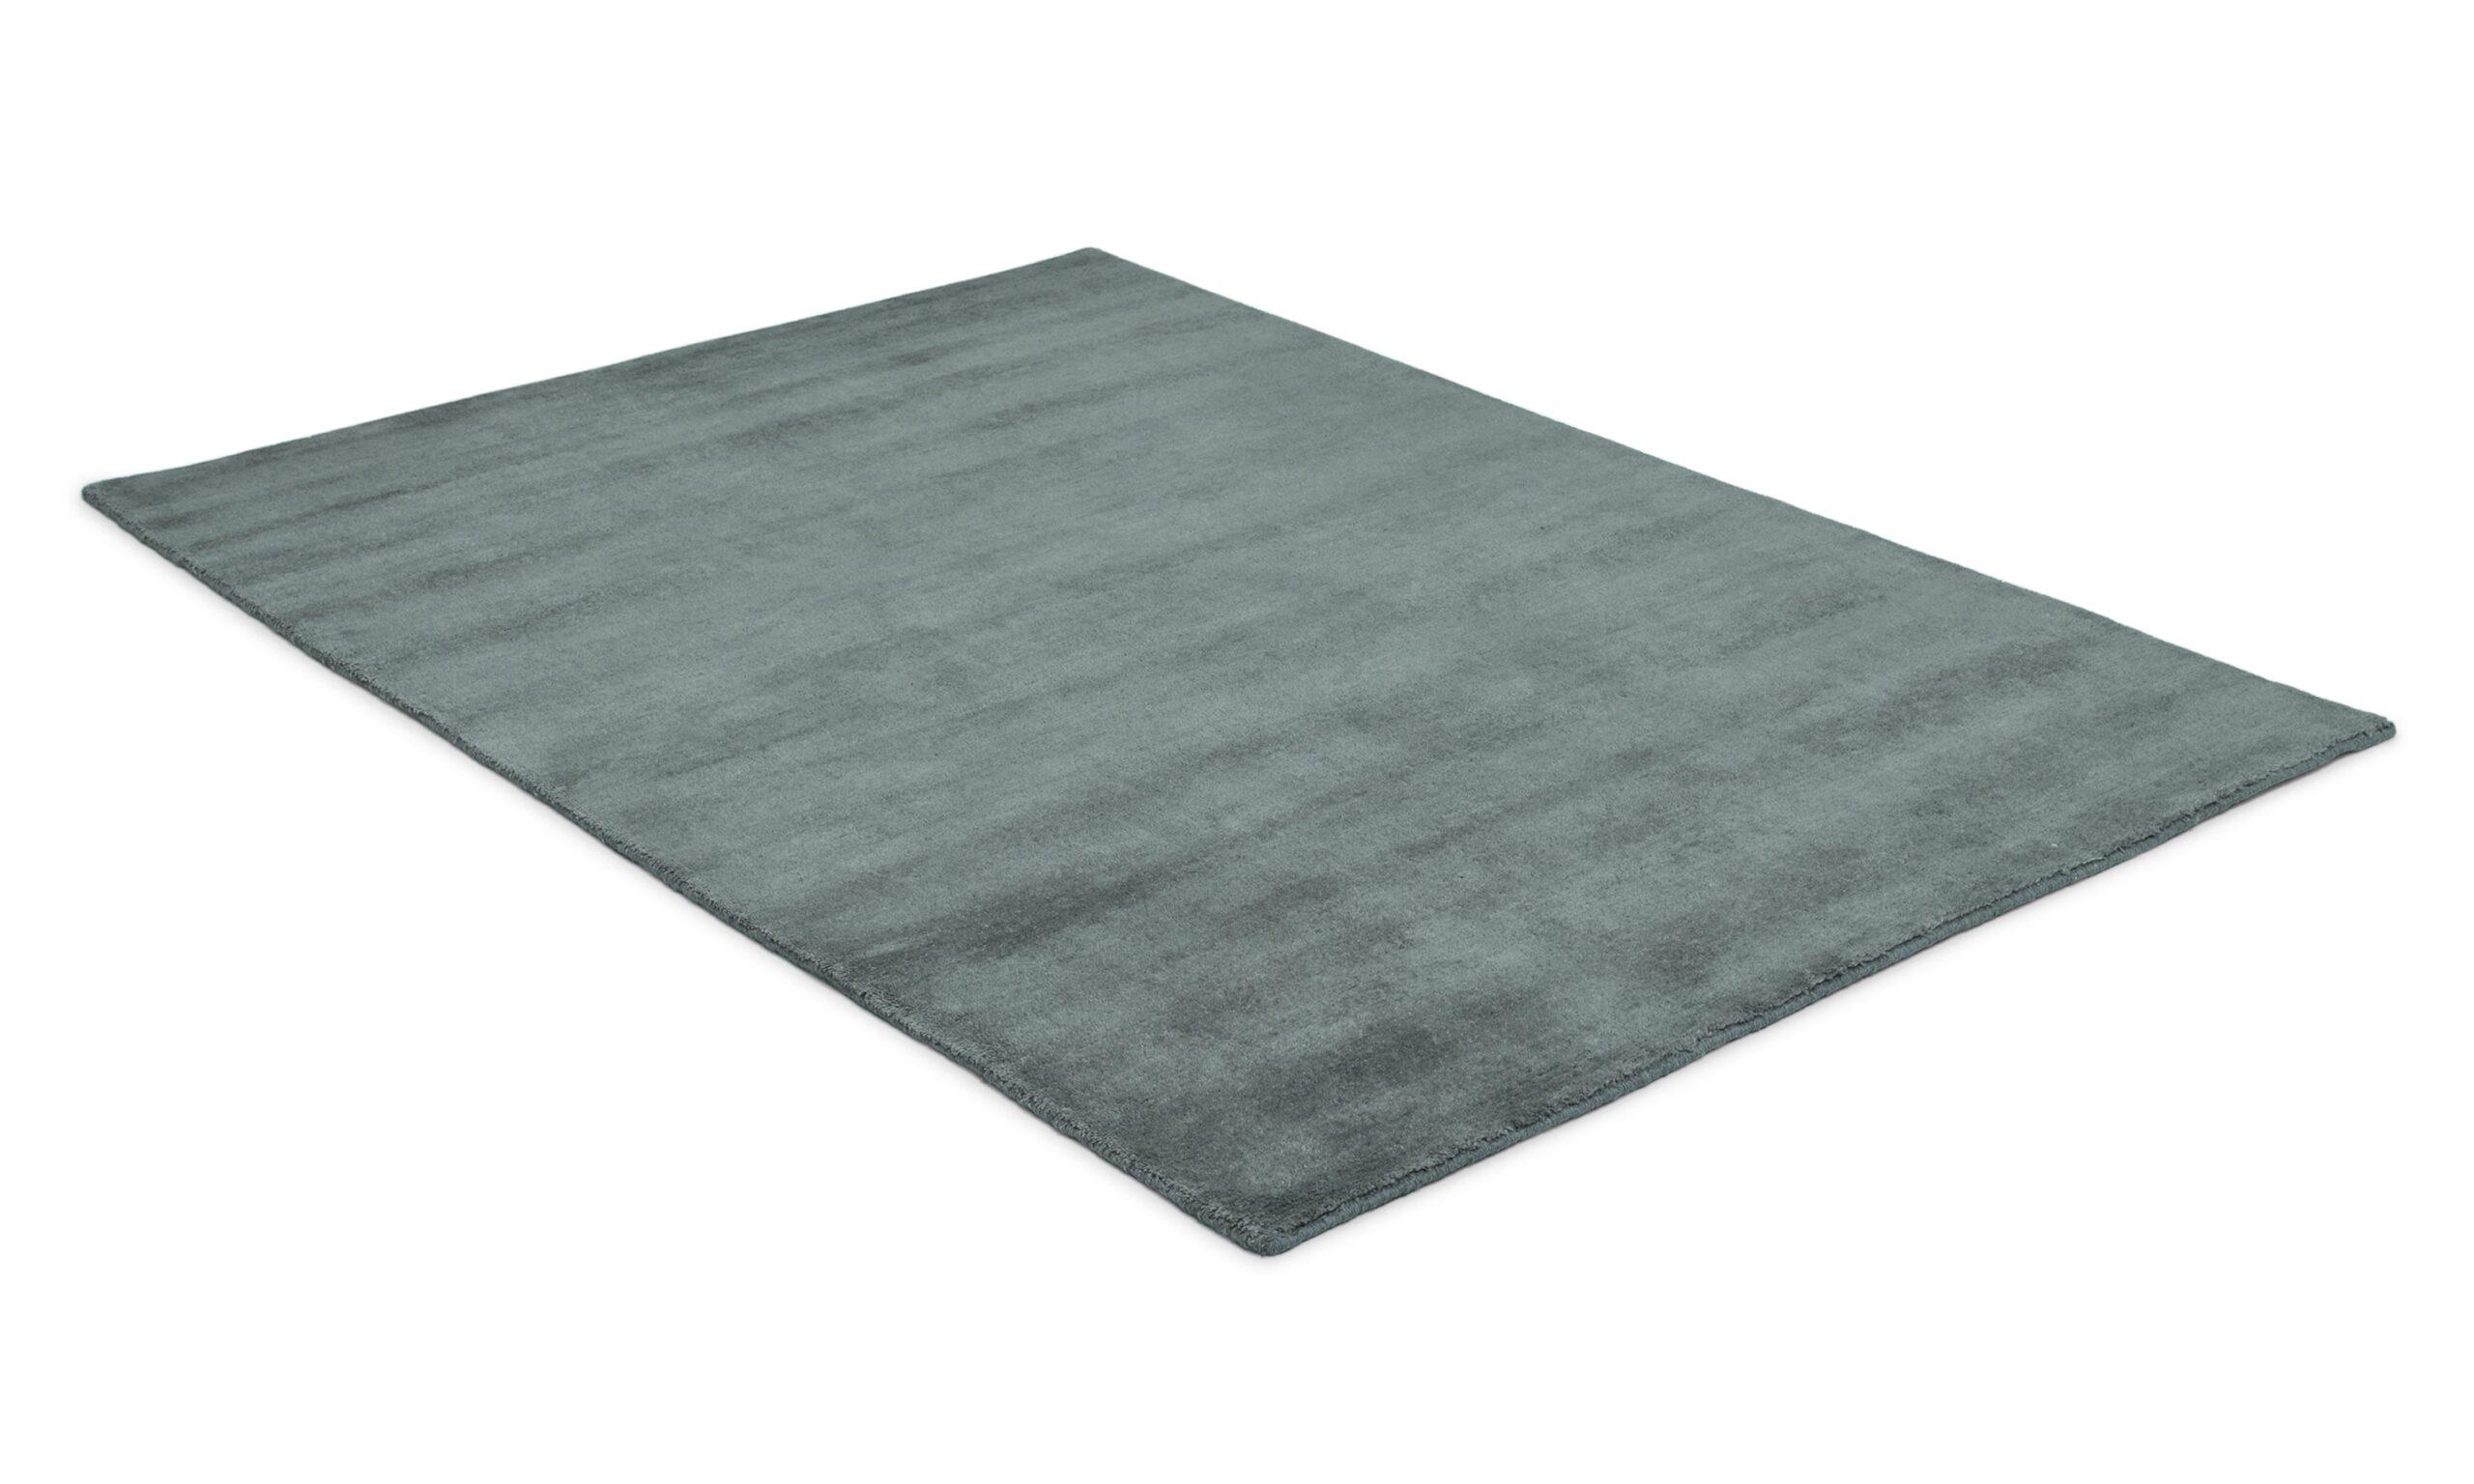 Aran grå - handknuten matta